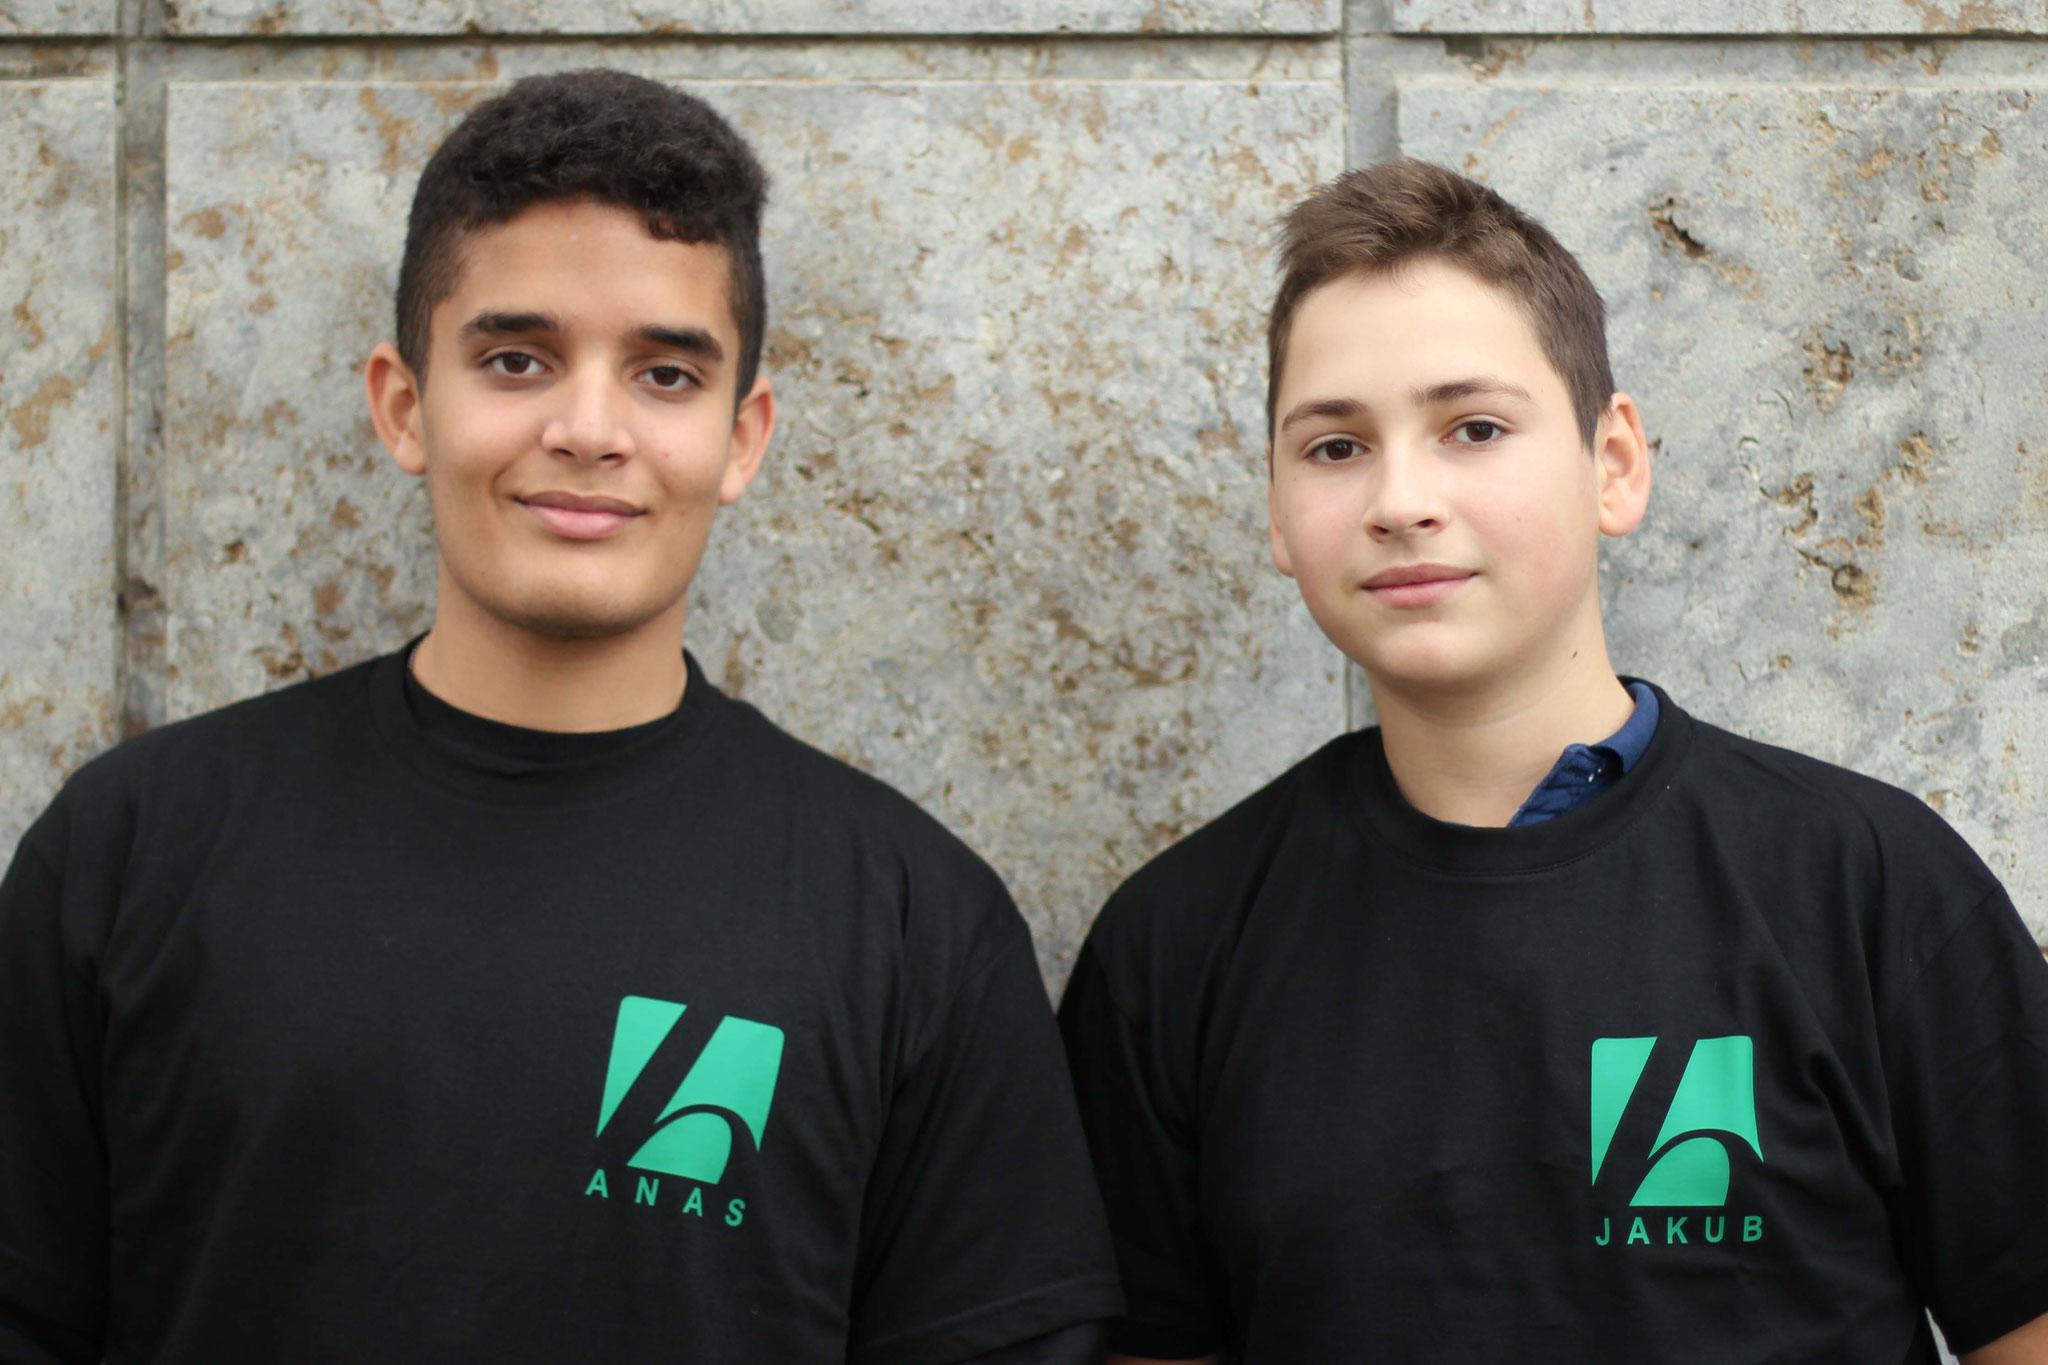 Team Anas und Jakub